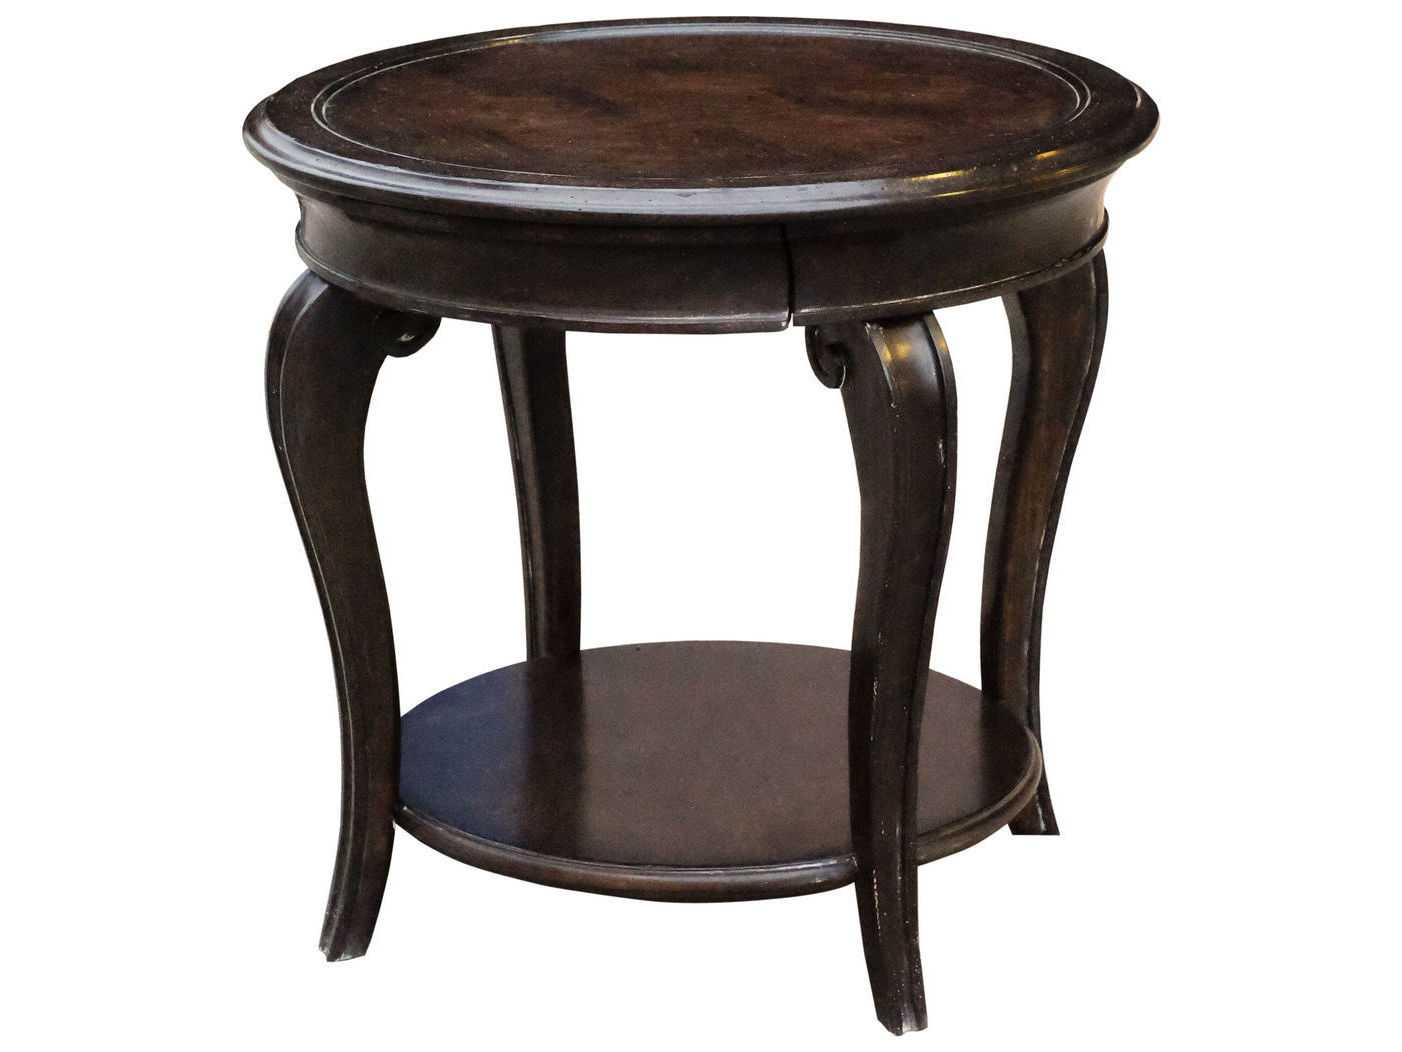 Art furniture continental vintage melange 28 5 39 39 wide for Wide side table